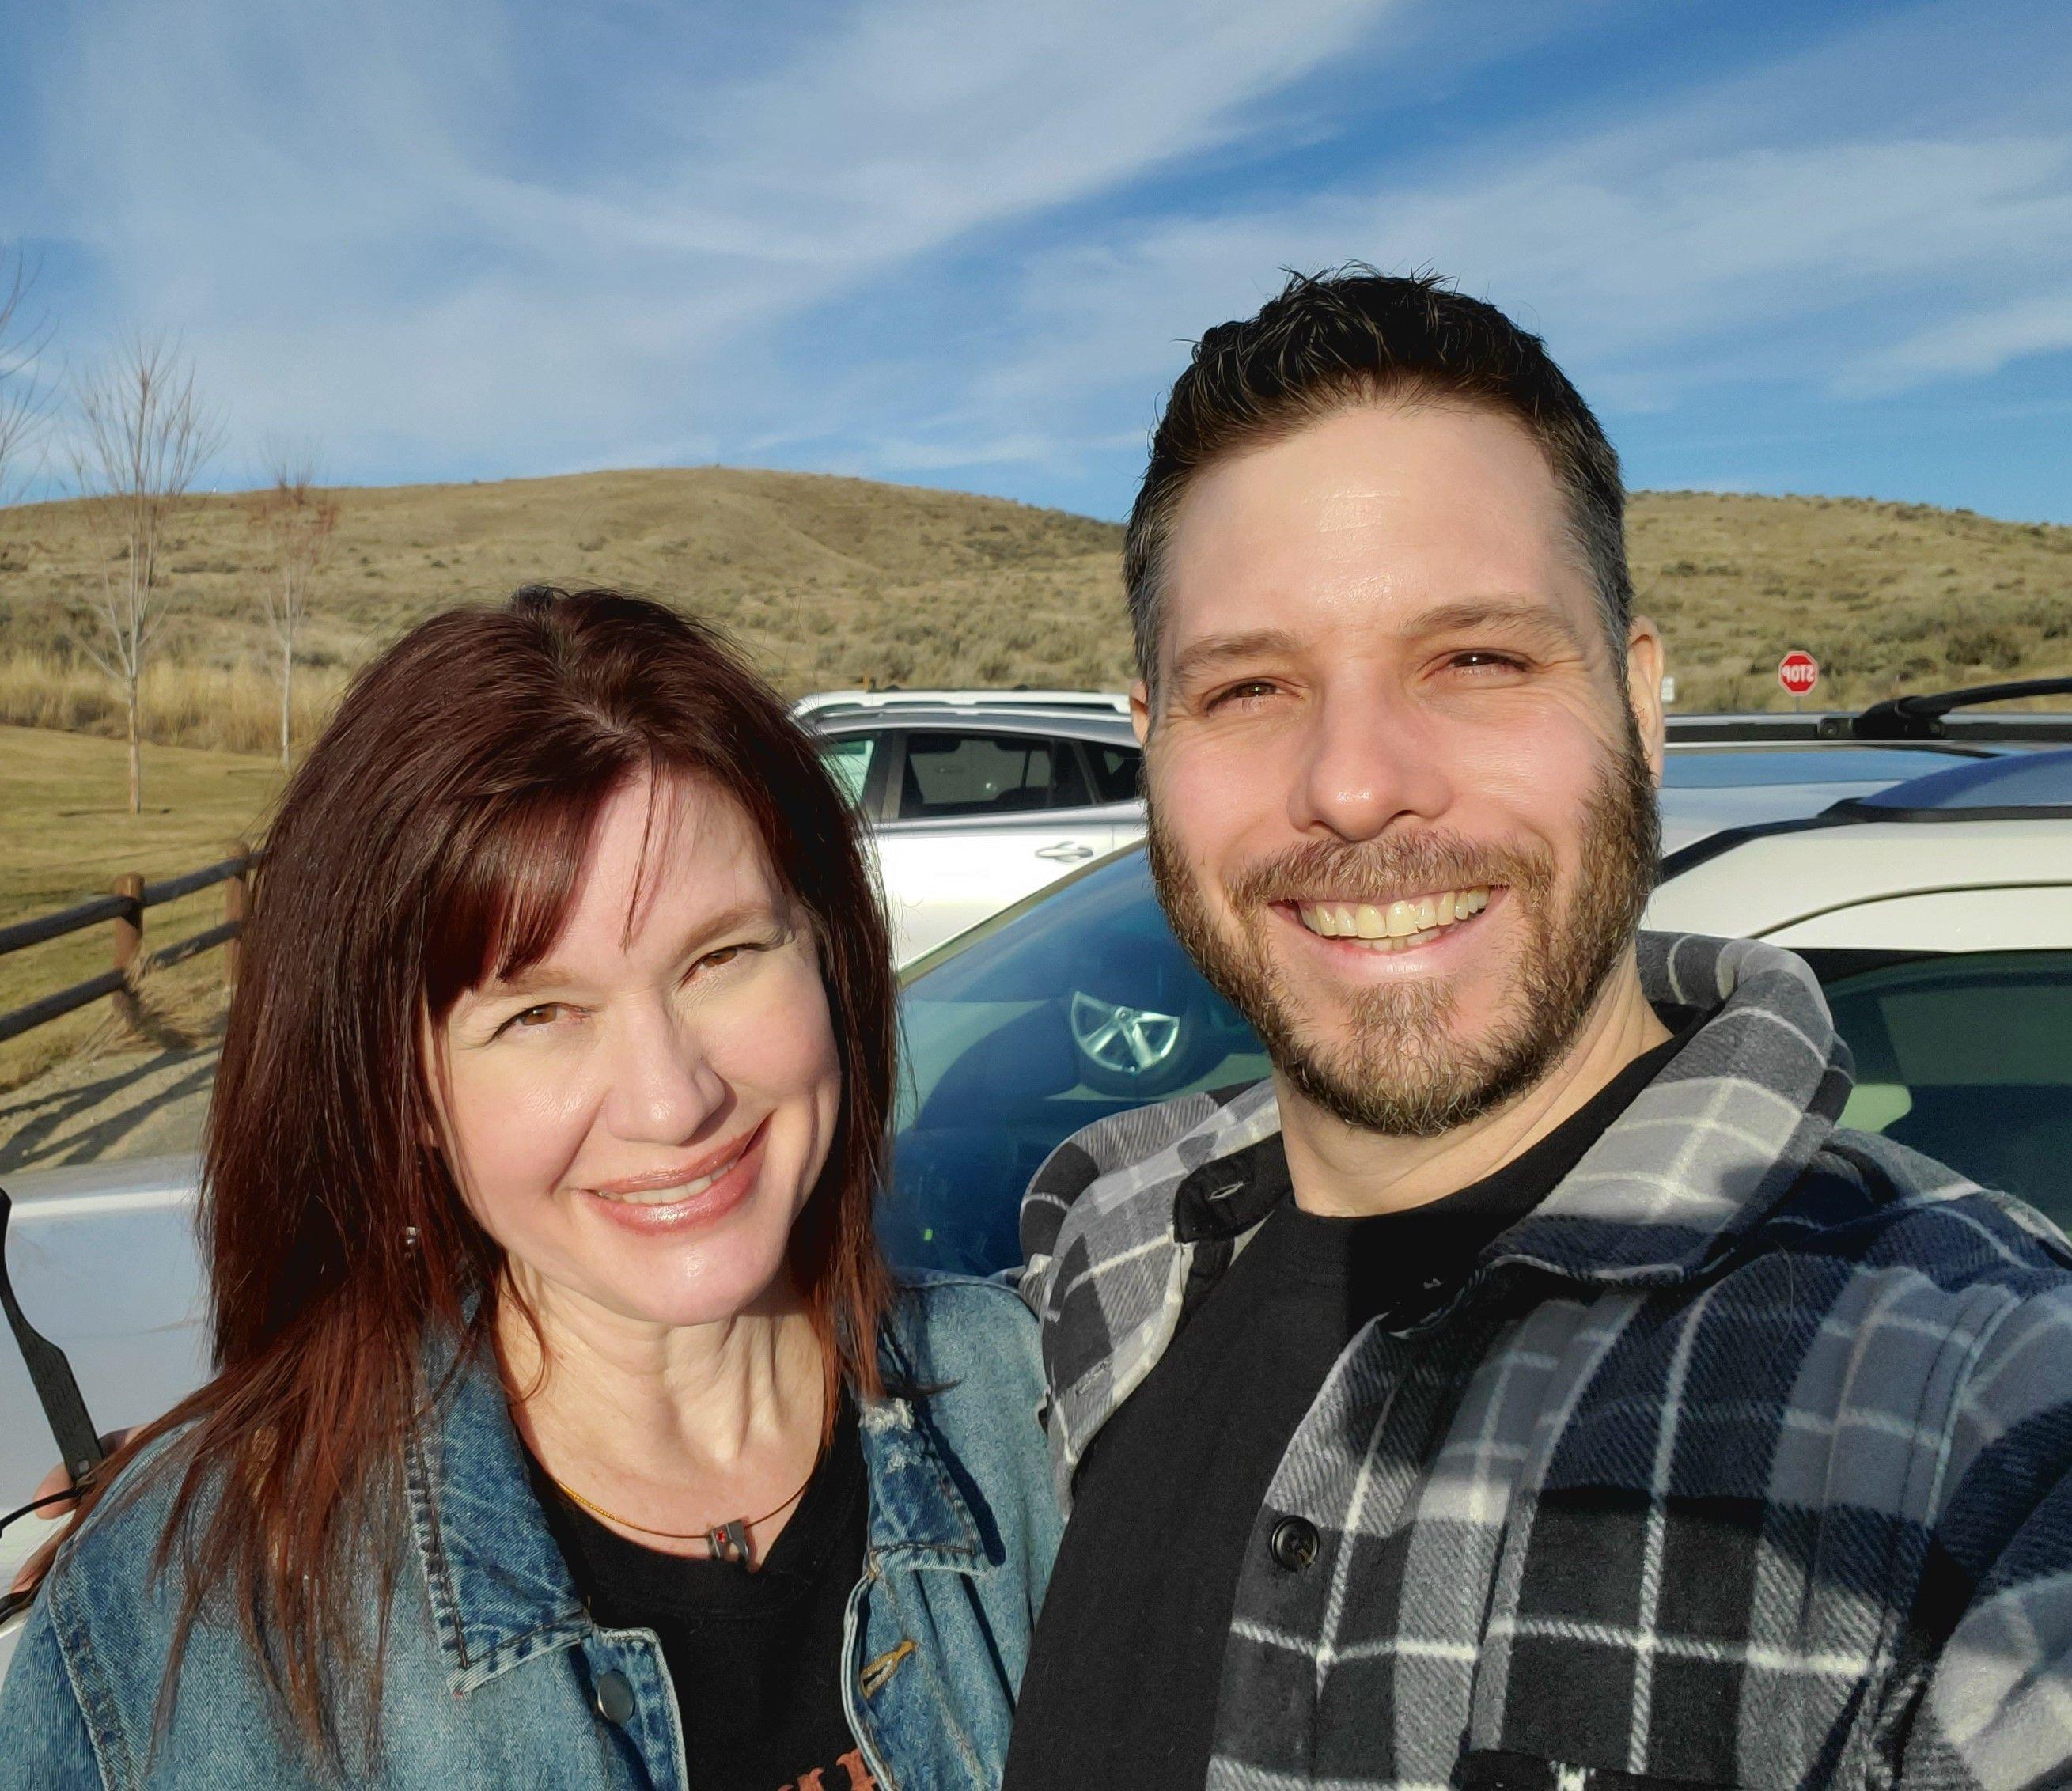 Brandi Wolf and her husband, Matt